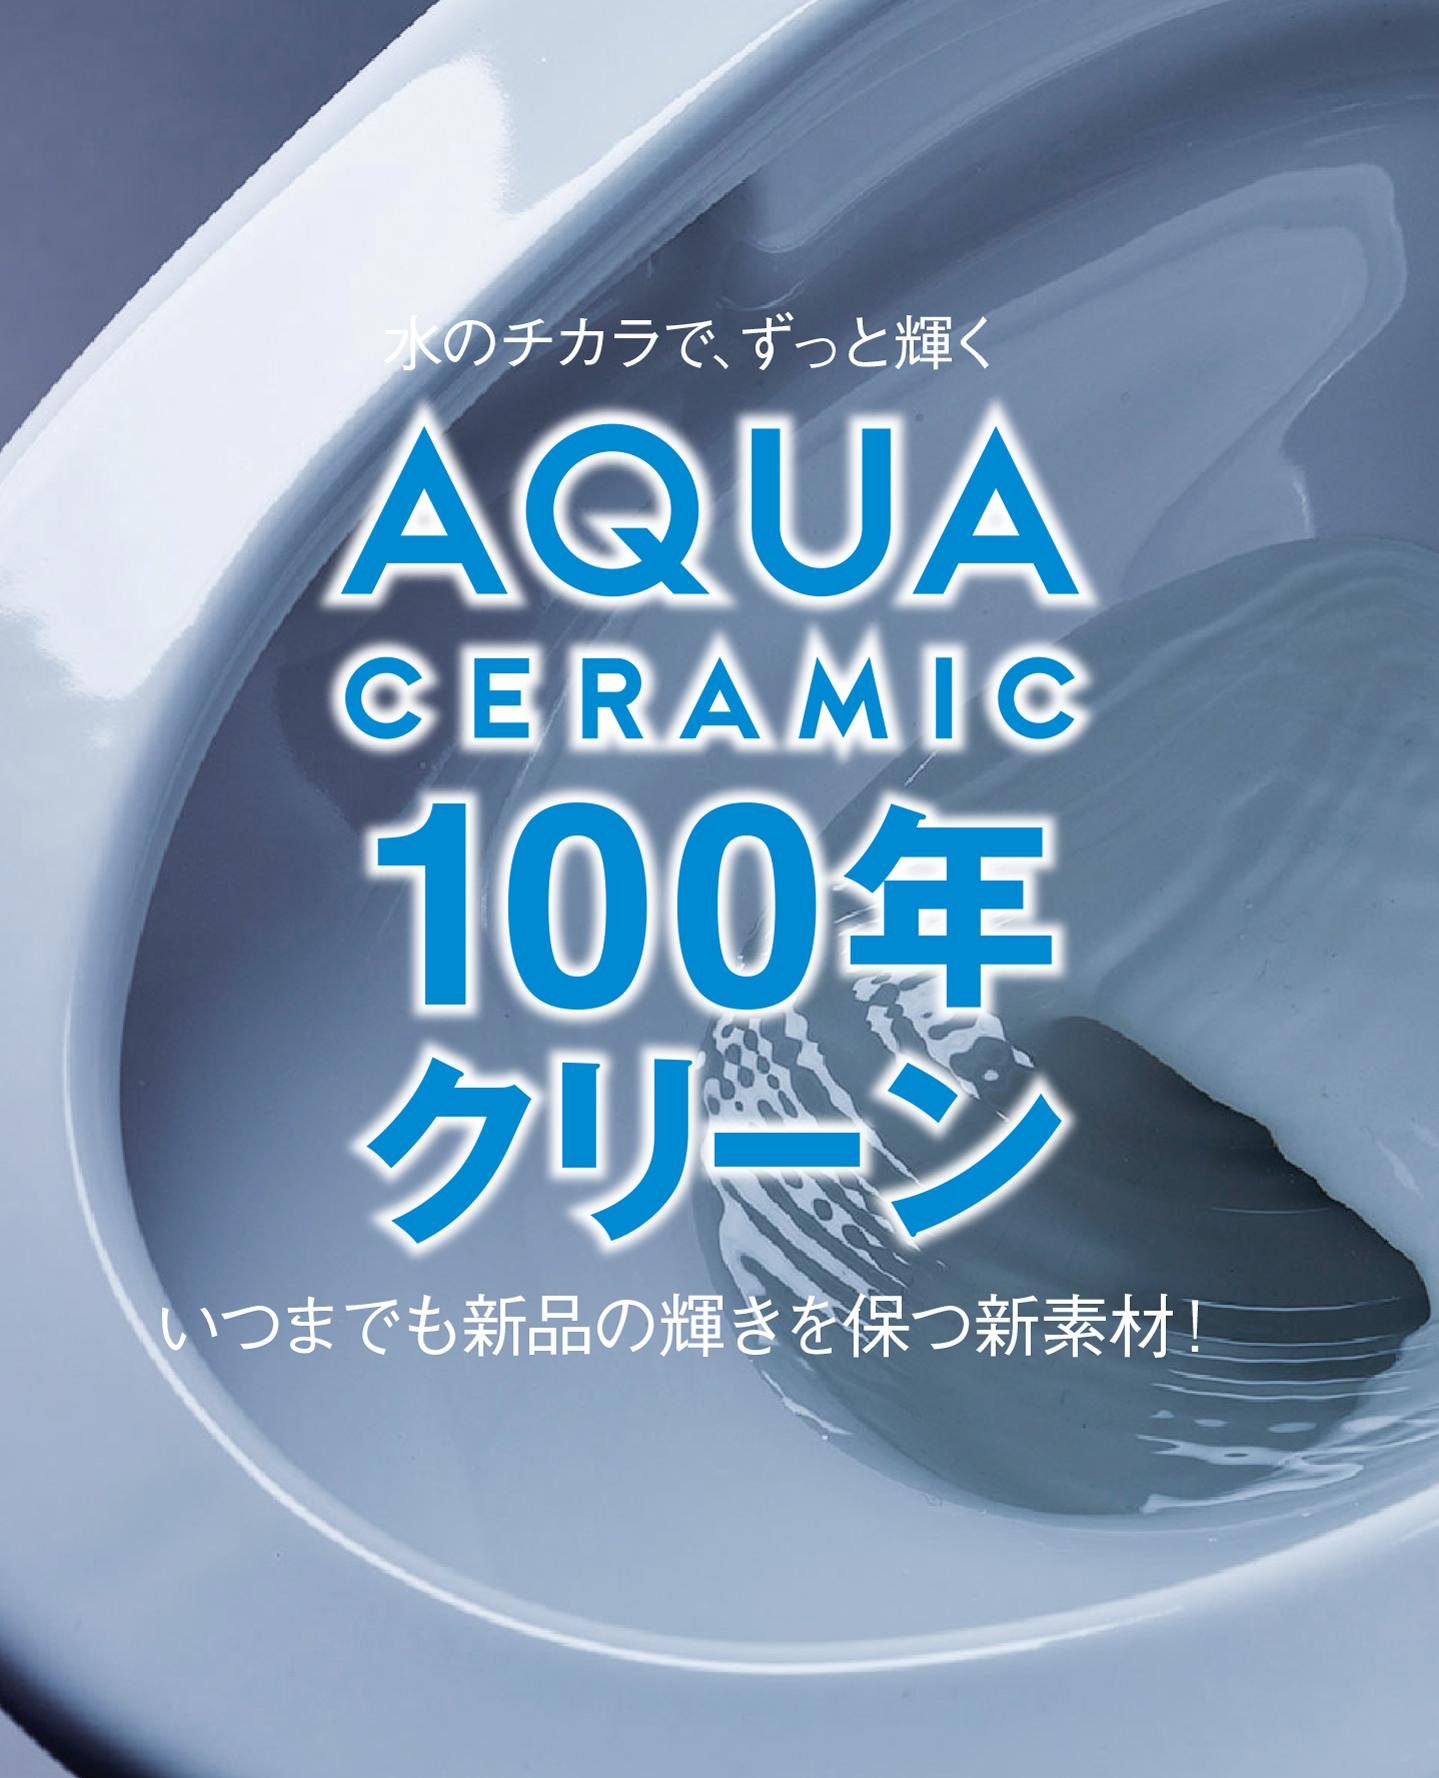 Aquaceramic